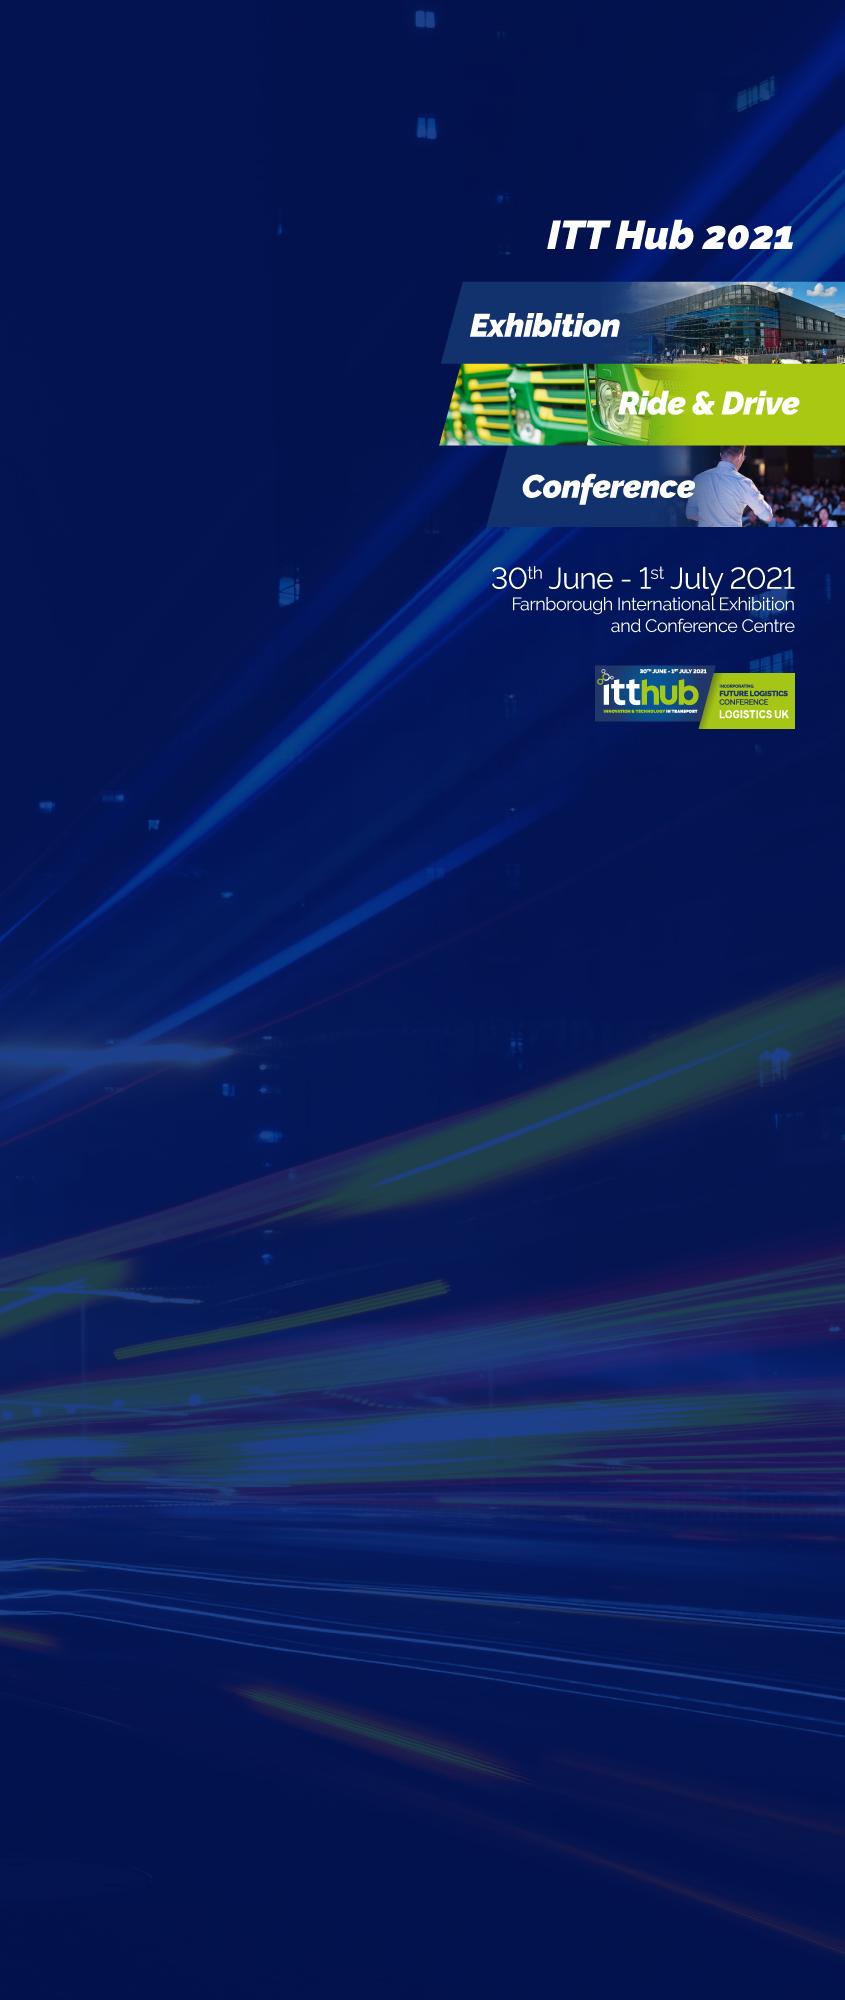 ITT Hub 2021